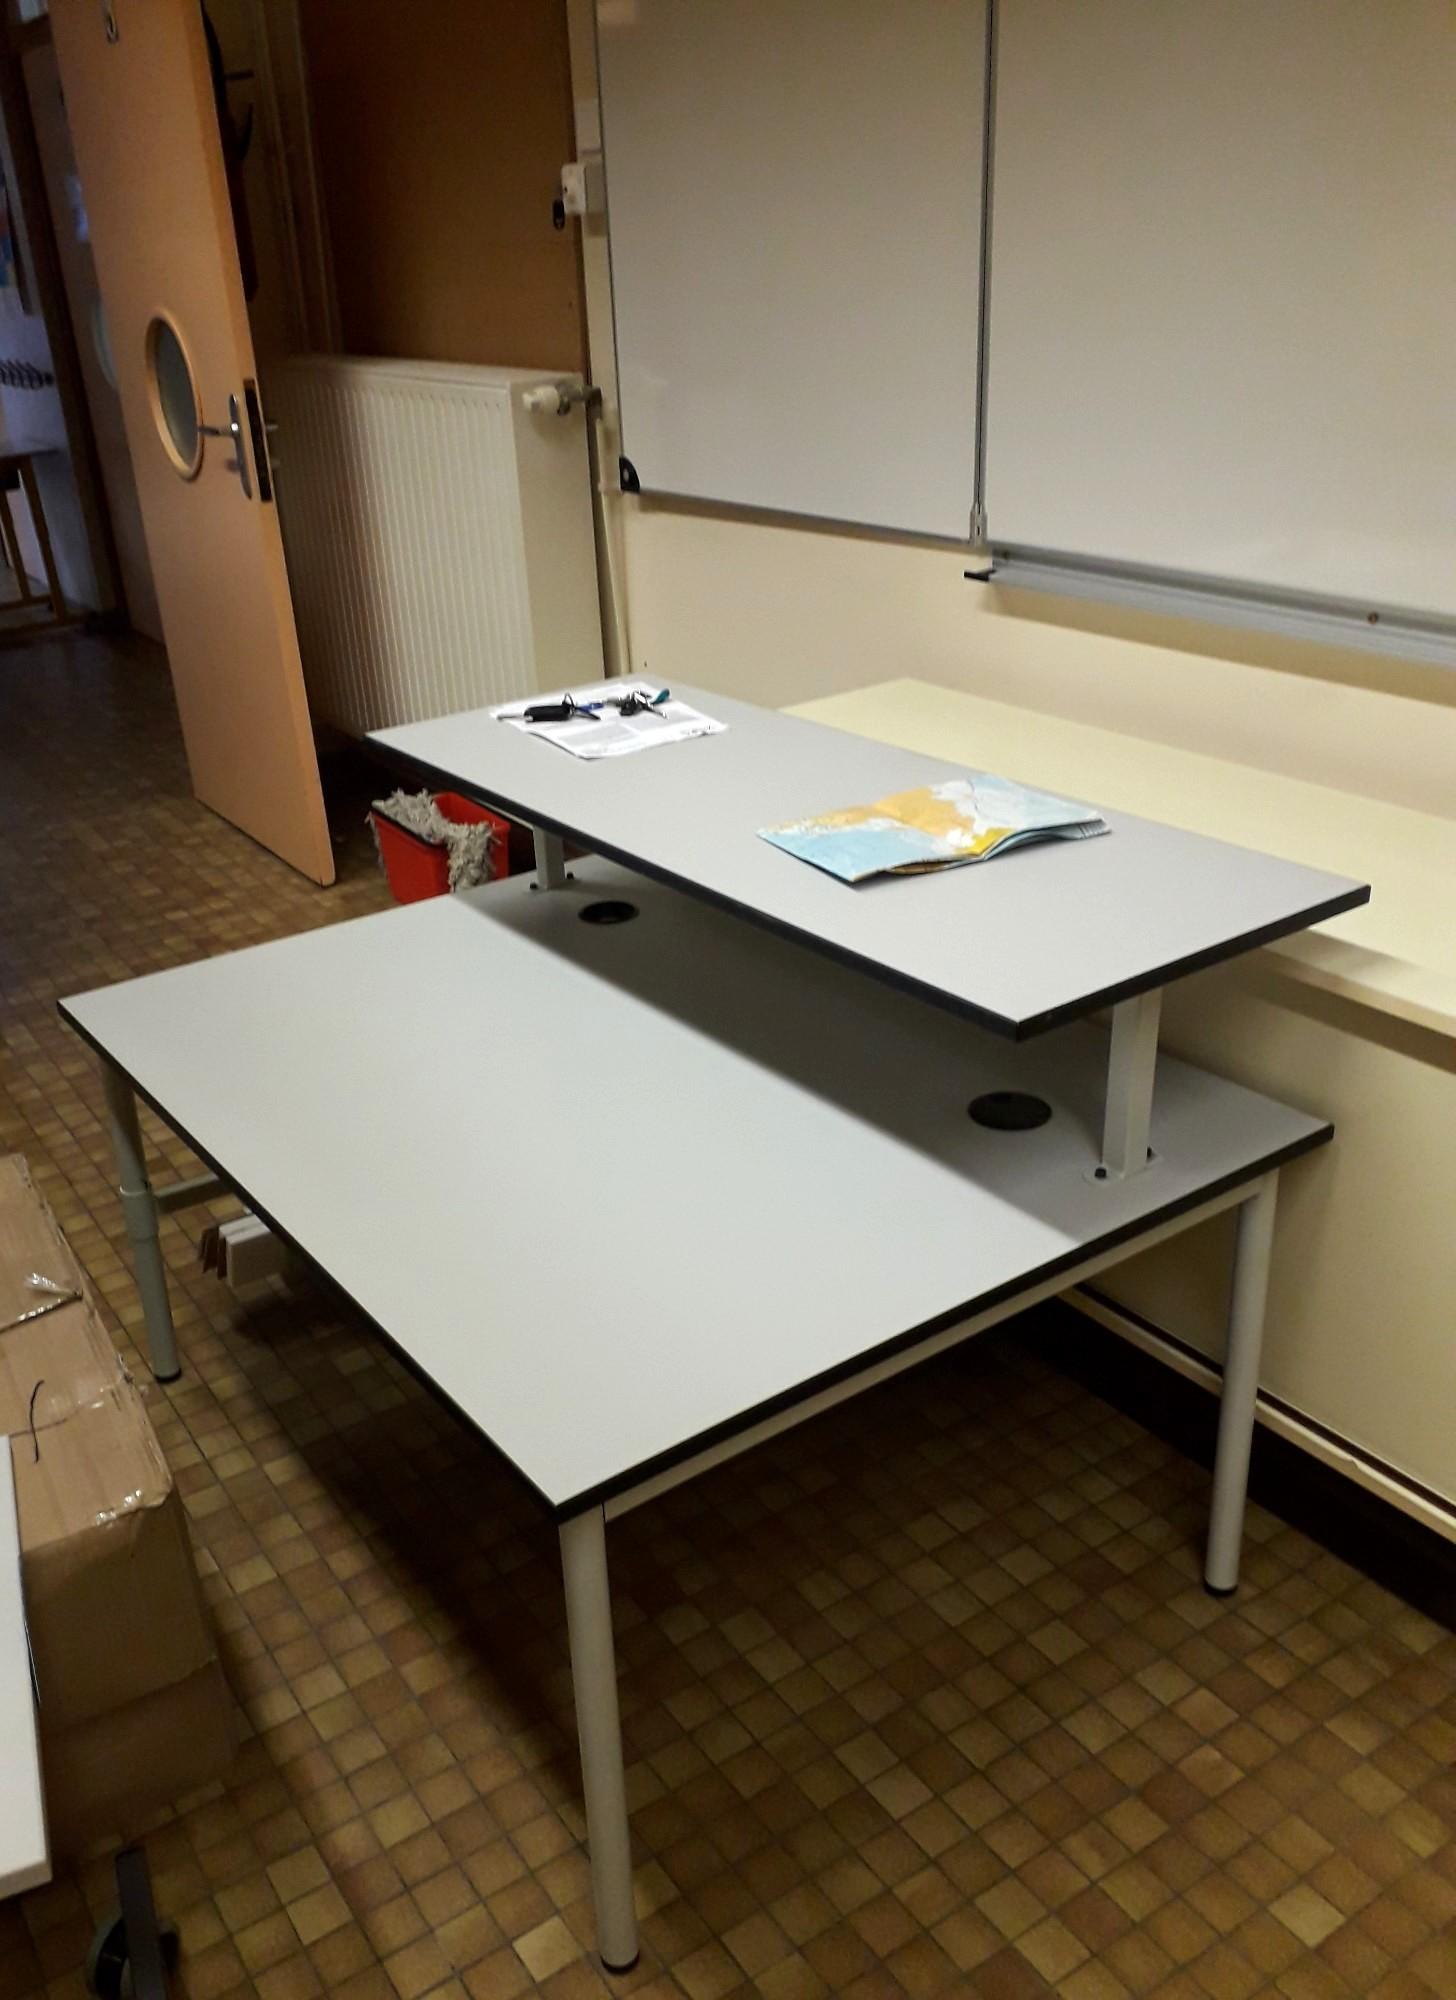 bureau mobilier scolaire d 39 occasion aux ench res agorastore. Black Bedroom Furniture Sets. Home Design Ideas